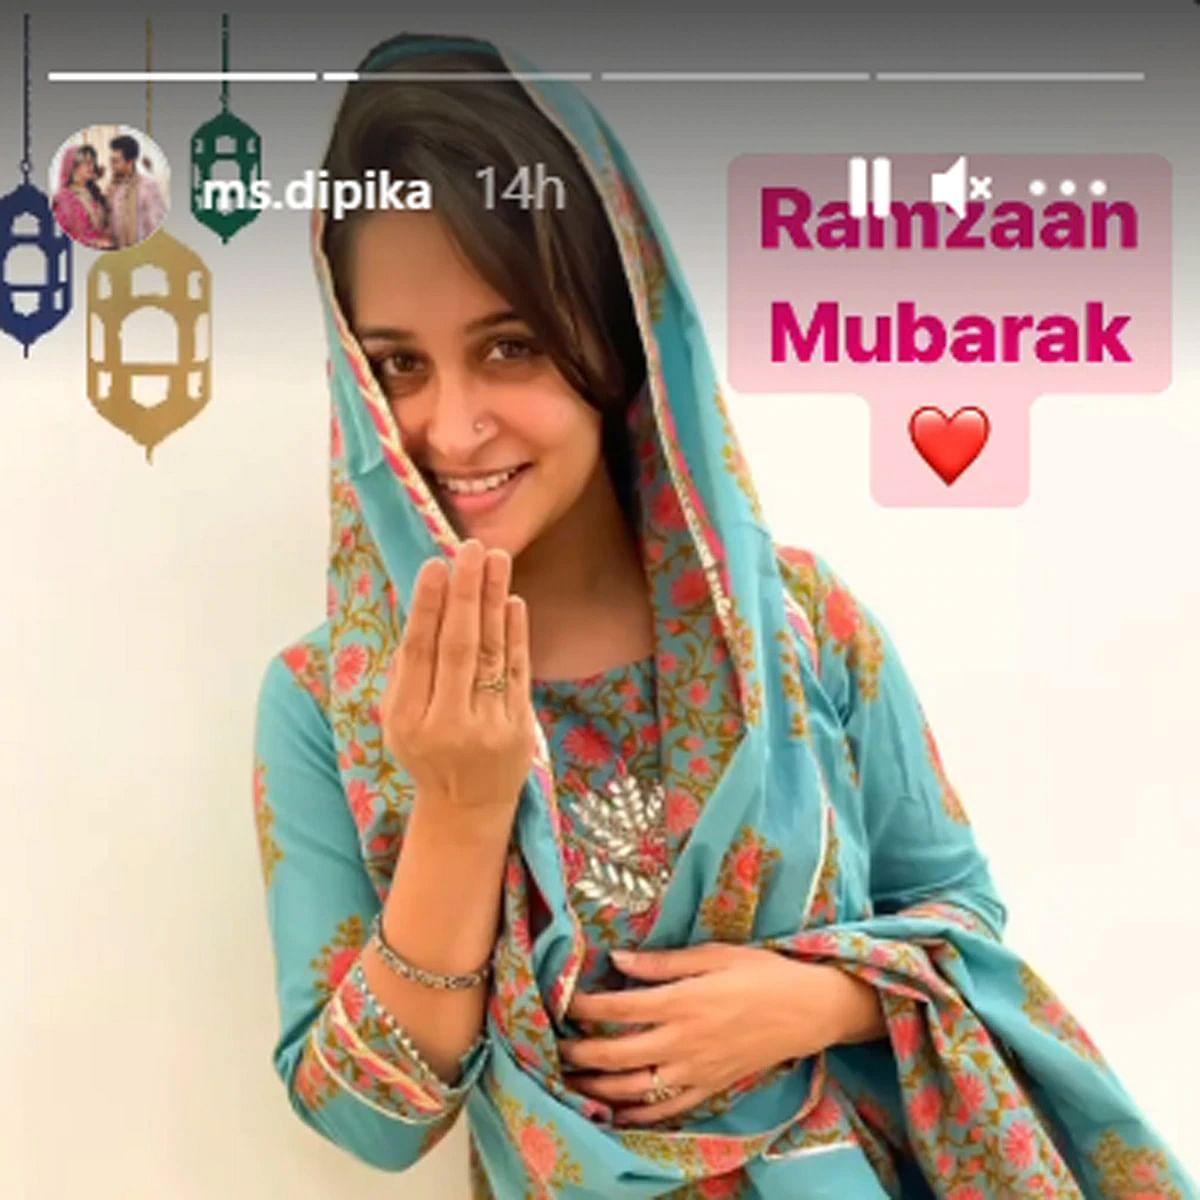 दीपिका कक्कड़ ने दी रमजान की शुभकामनाएं